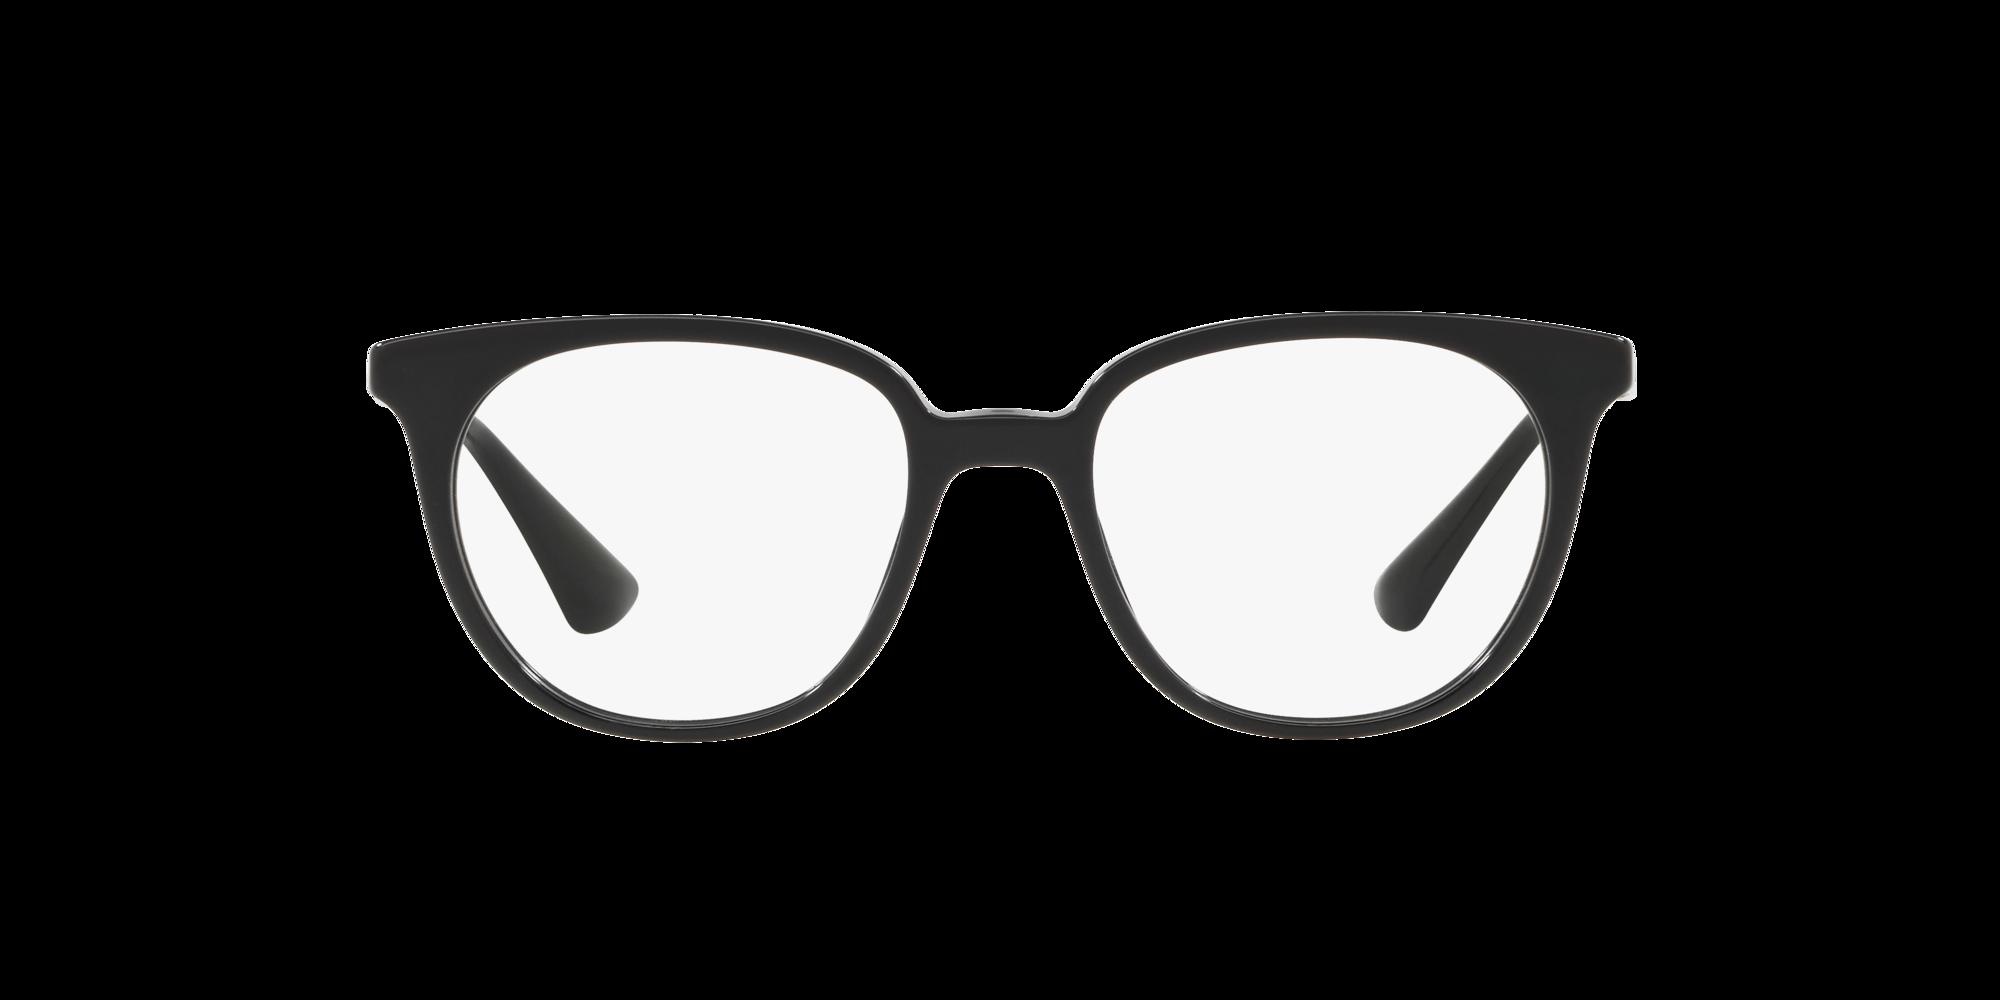 Imagen para PR 13UV CATWALK de LensCrafters |  Espejuelos, espejuelos graduados en línea, gafas